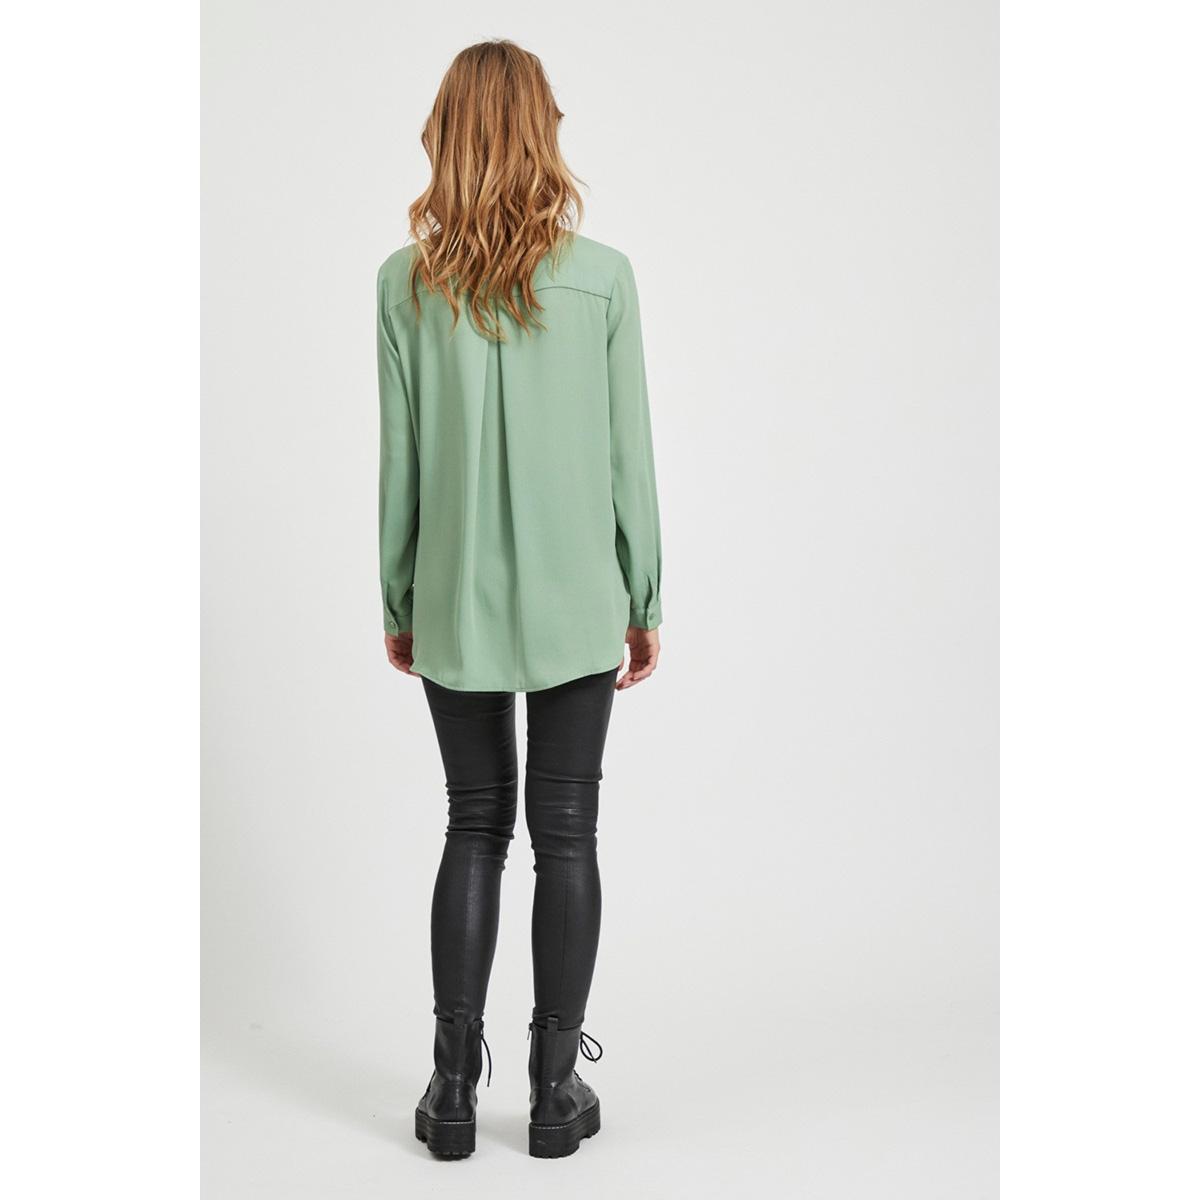 vilucy l/s shirt - noos 14044253 vila blouse loden frost